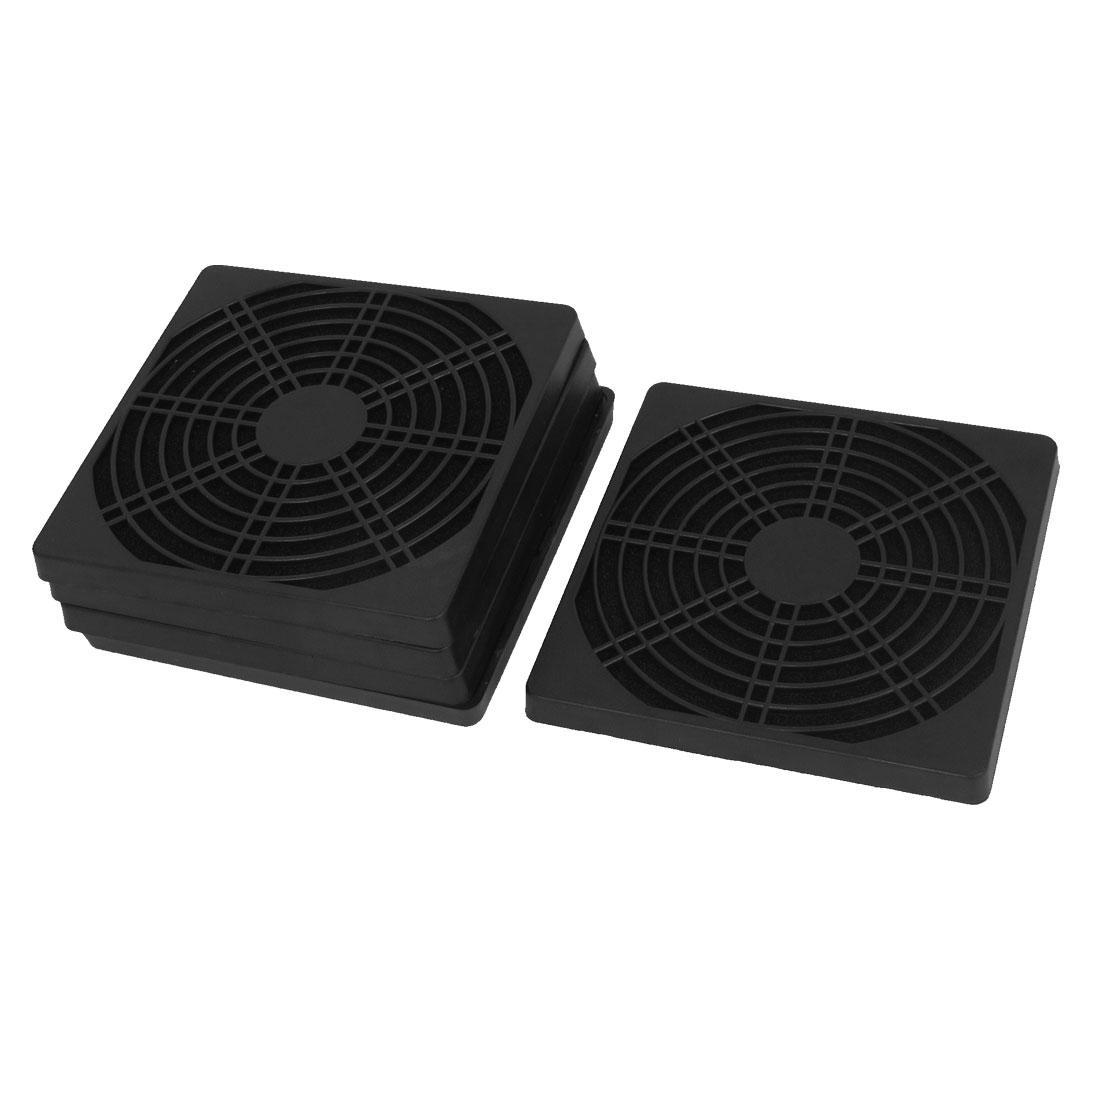 Unique Bargains 125mm Computer PC Dustproof Cooler Fan Case Cover Mesh Dust Filter Black 5pcs